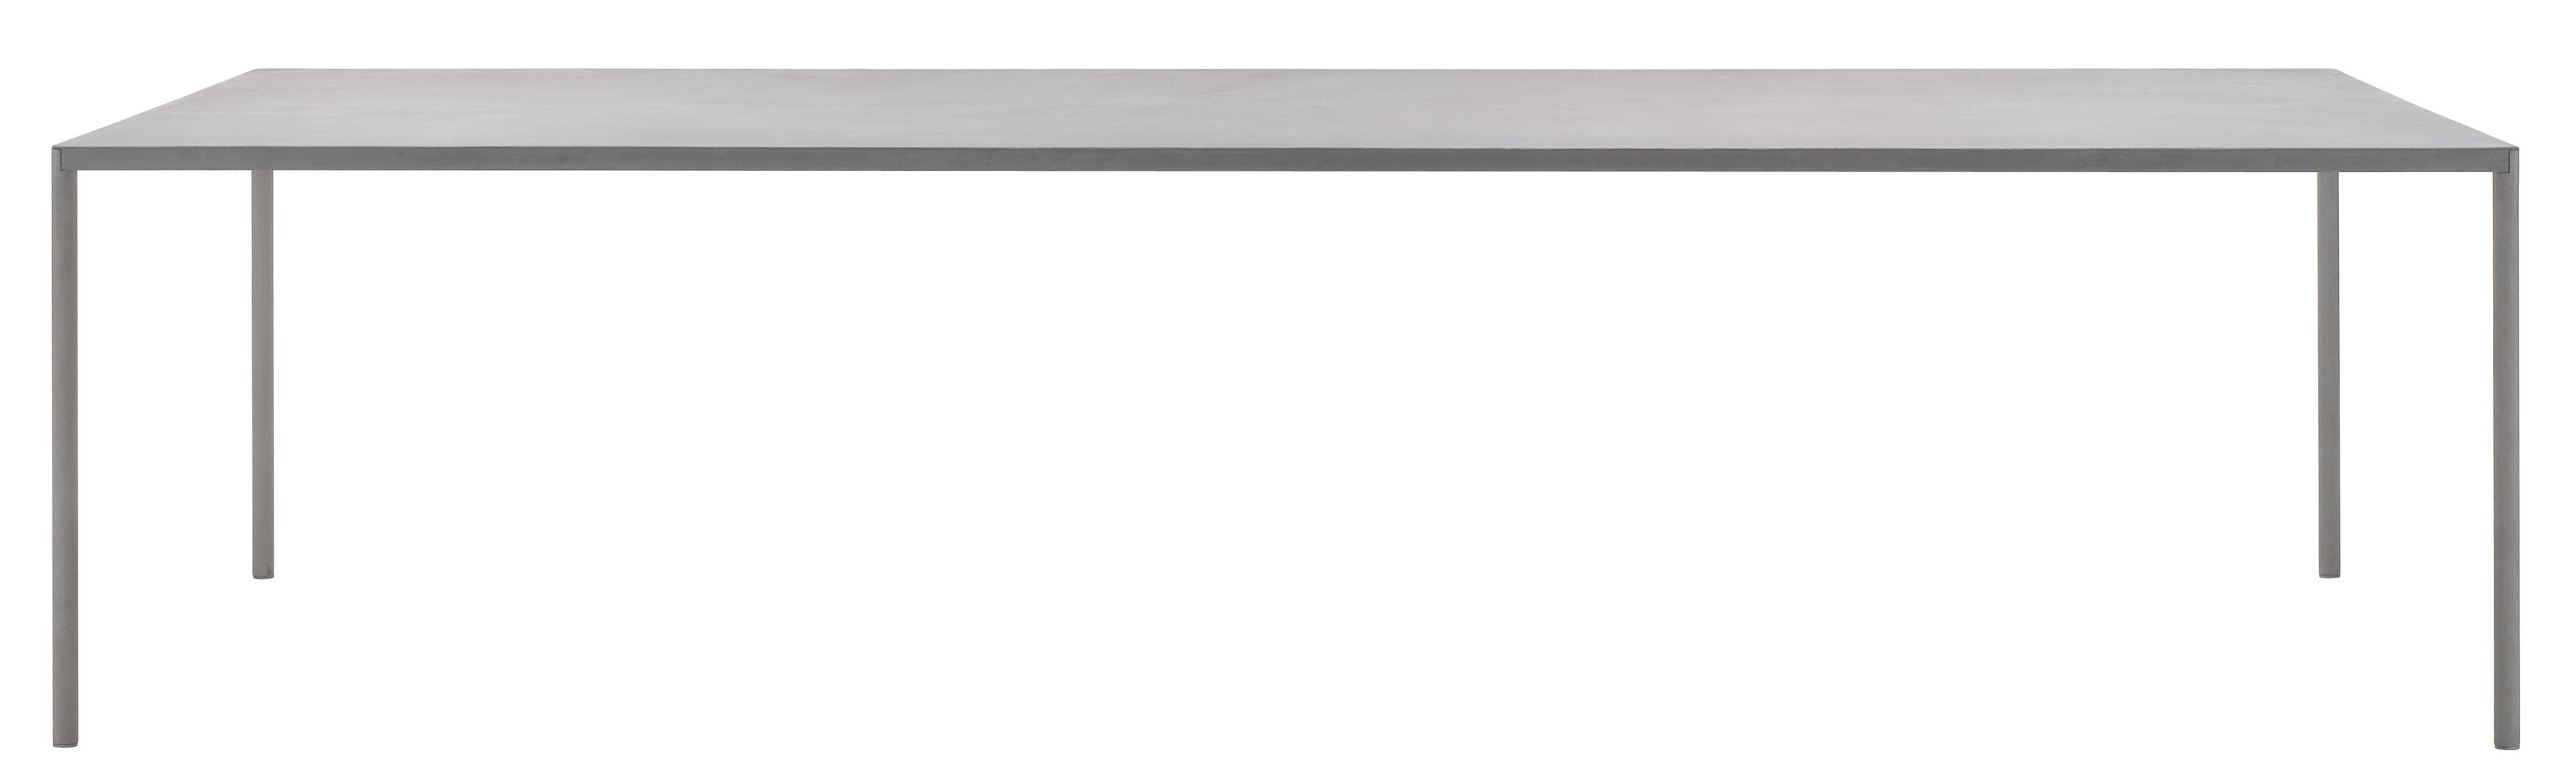 Möbel - Tische - Robin rechteckiger Tisch 100 x 220 cm - mit Beton - MDF Italia - Beton hellgrau - Zement